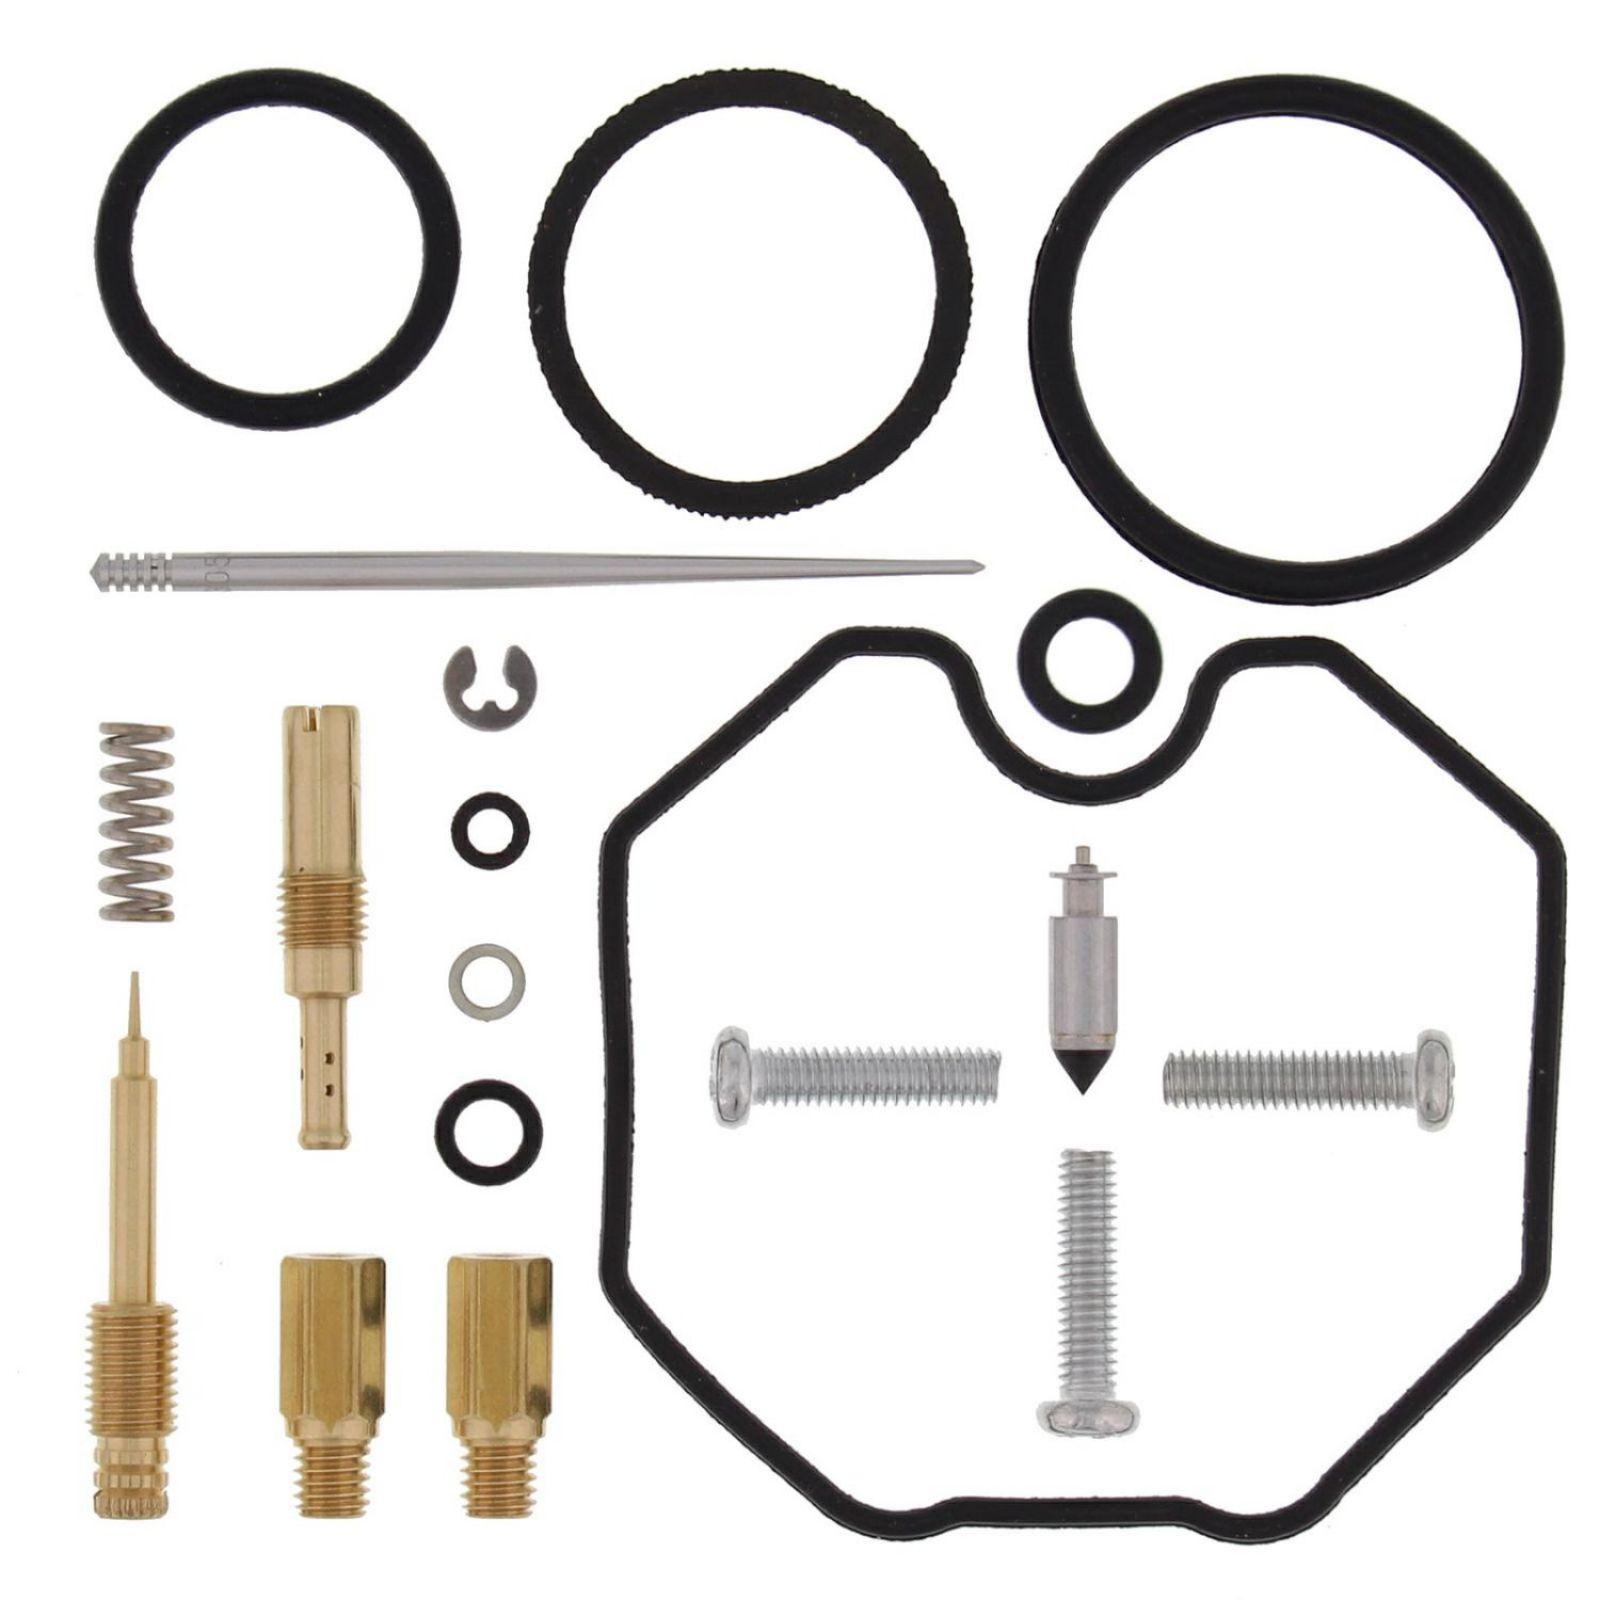 WRP Carb Repair Kits - WRP261005 image